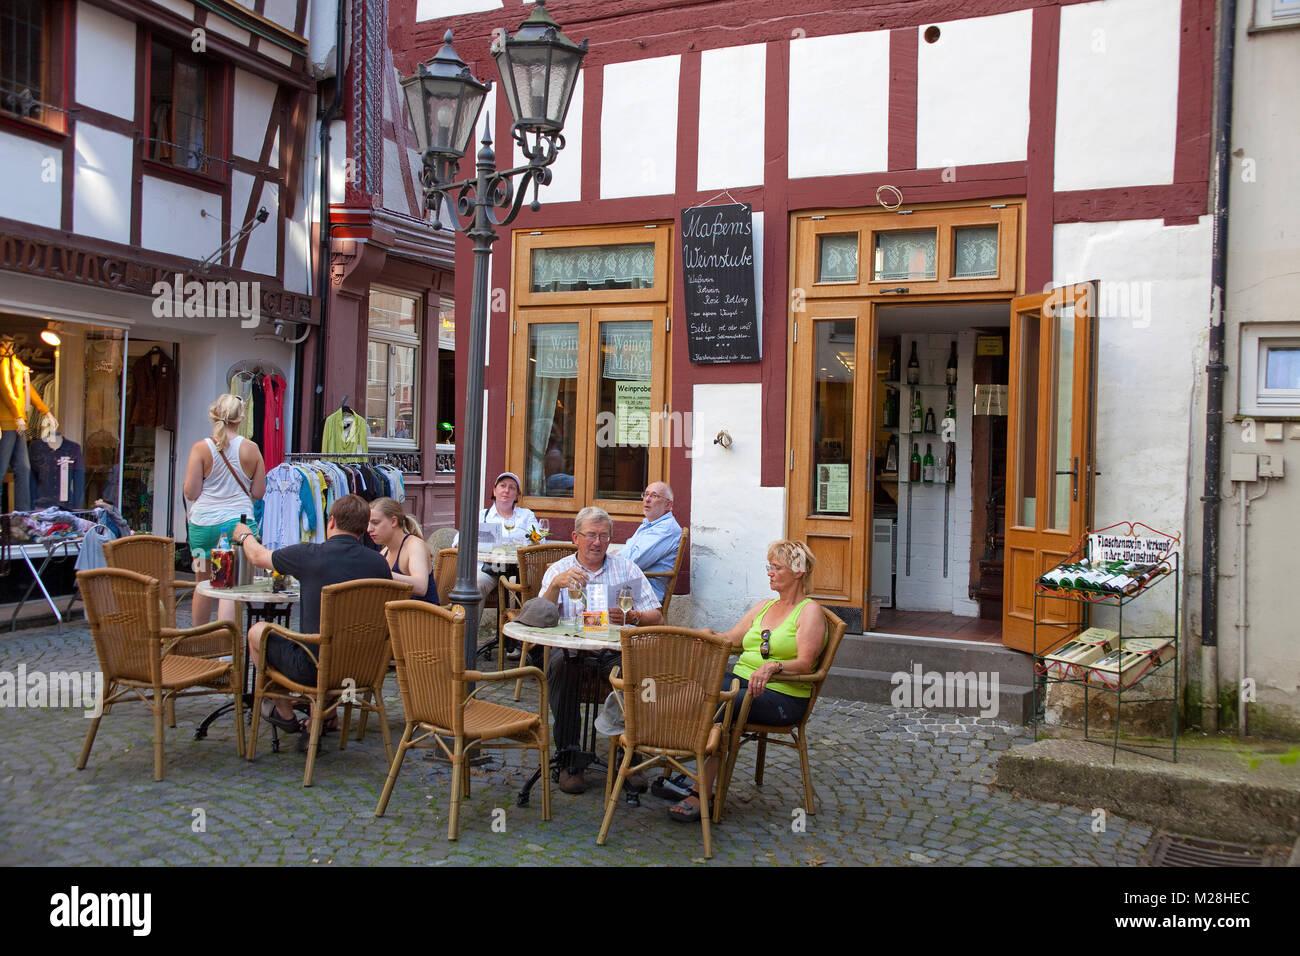 Außerhalb der Gastronomie in einer Gasse von Bernkastel-Kues, Mosel, Rheinland-Pfalz, Deutschland, Europa Stockbild